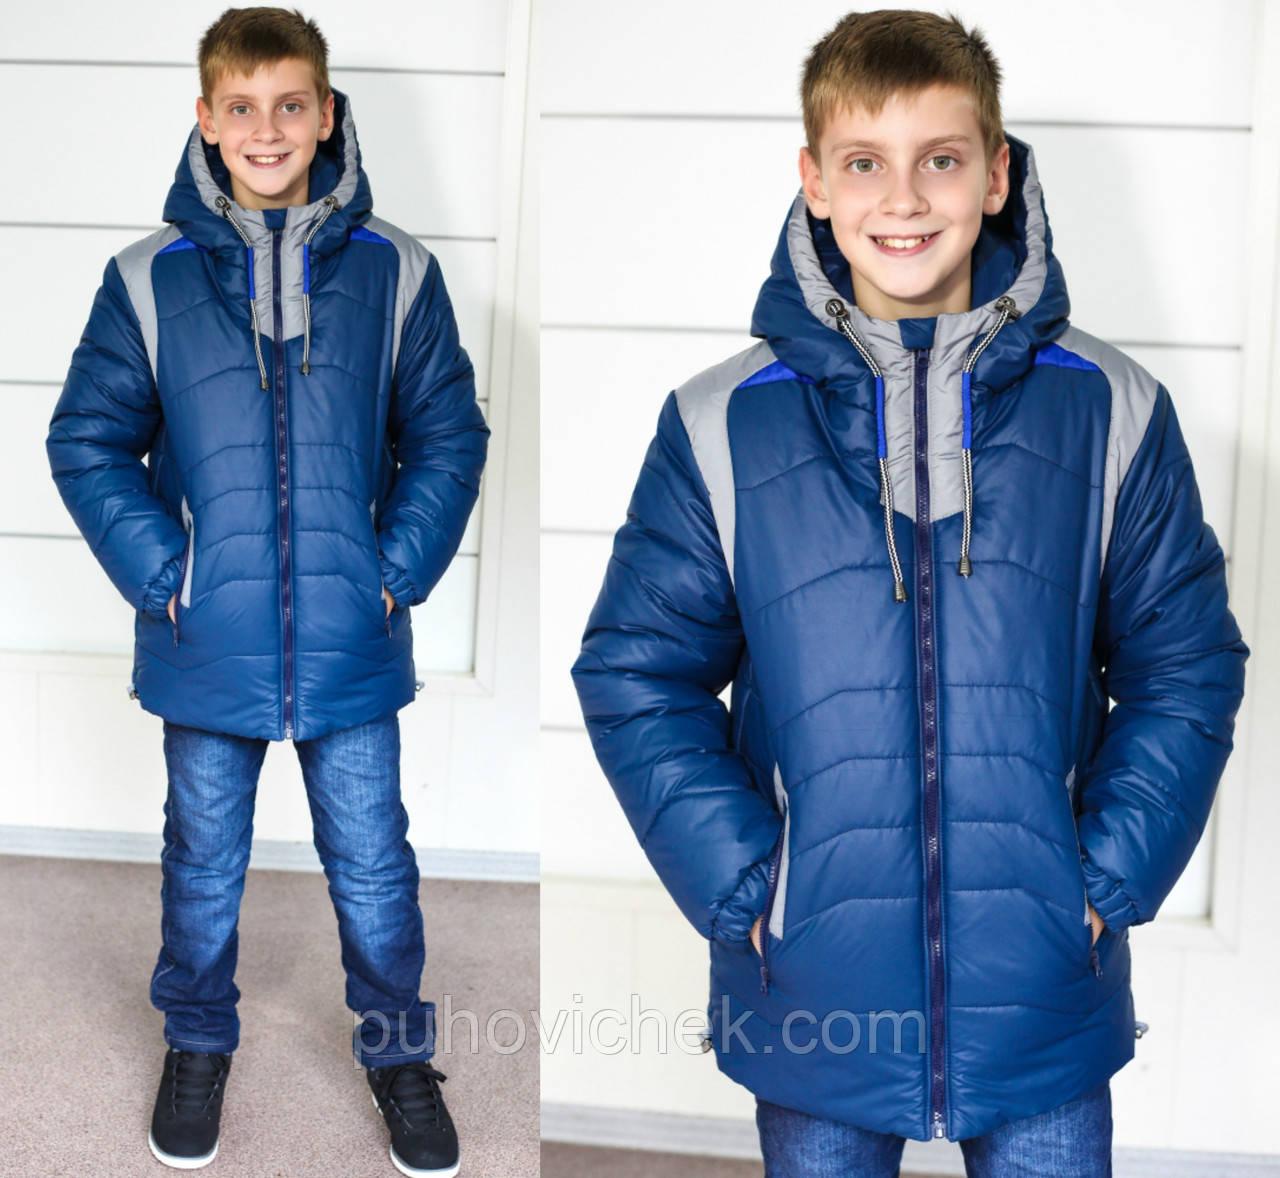 Модные детские куртки и пуховики зимние для мальчиков интернет магазин